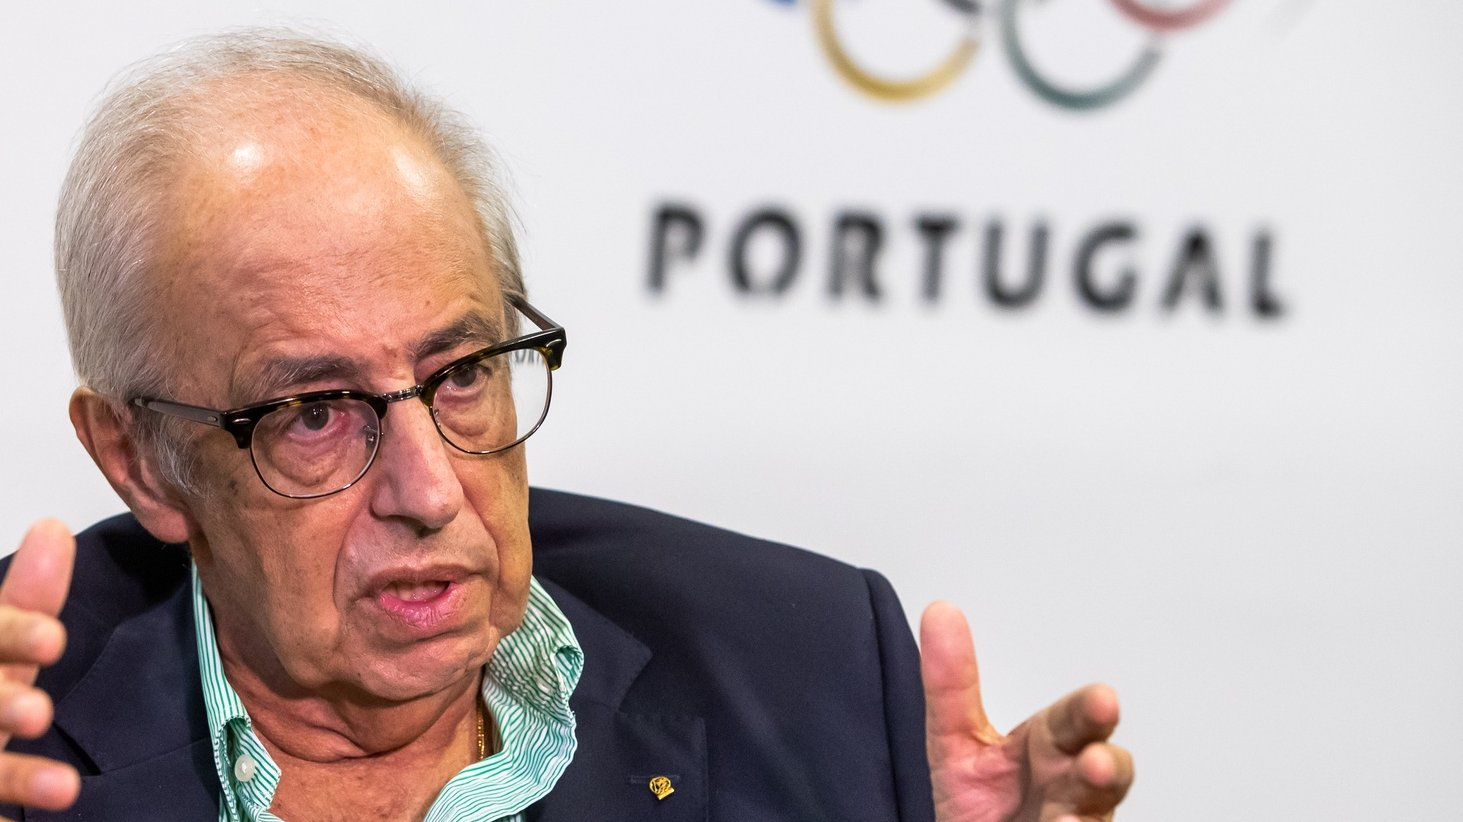 O presidente do Comité Olímpico de Portugal (COP), José Manuel Constantino, em entrevista à Lusa, na sede do COP, em Lisboa, 23  de junho de 2021. (ACOMPANHA TEXTO DO DIA  20 DE JULHO DE 2021) JOSE SENA GOULAO/LUSA